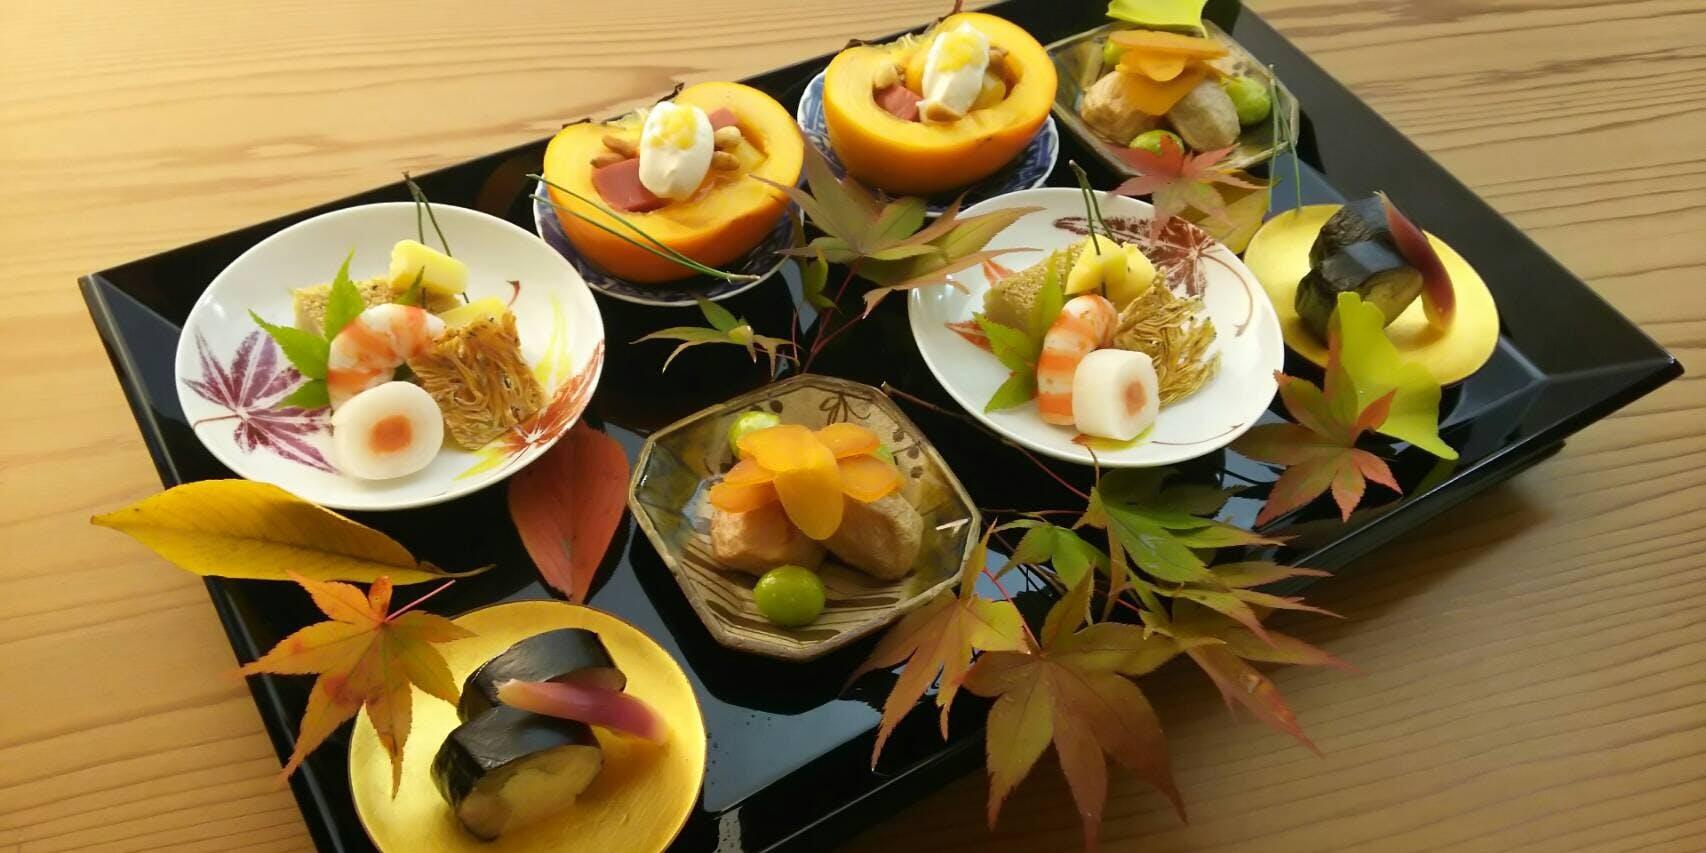 祇園の隠れ家で味わう、伝統と遊び心の融合「祇園 いわさ起」